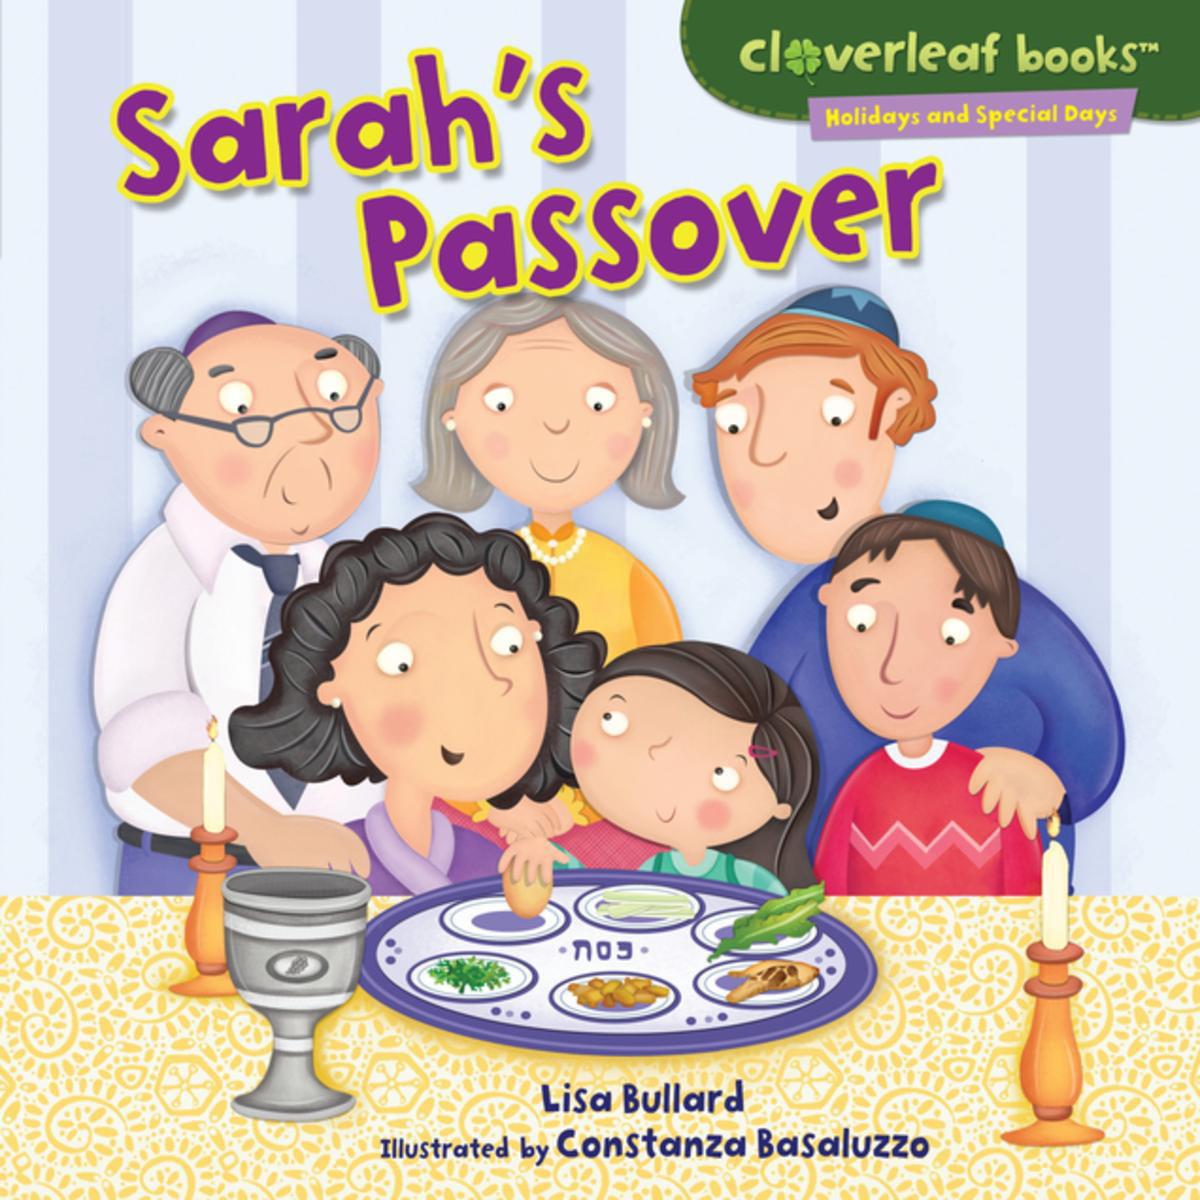 Sarah's Passover - eBook